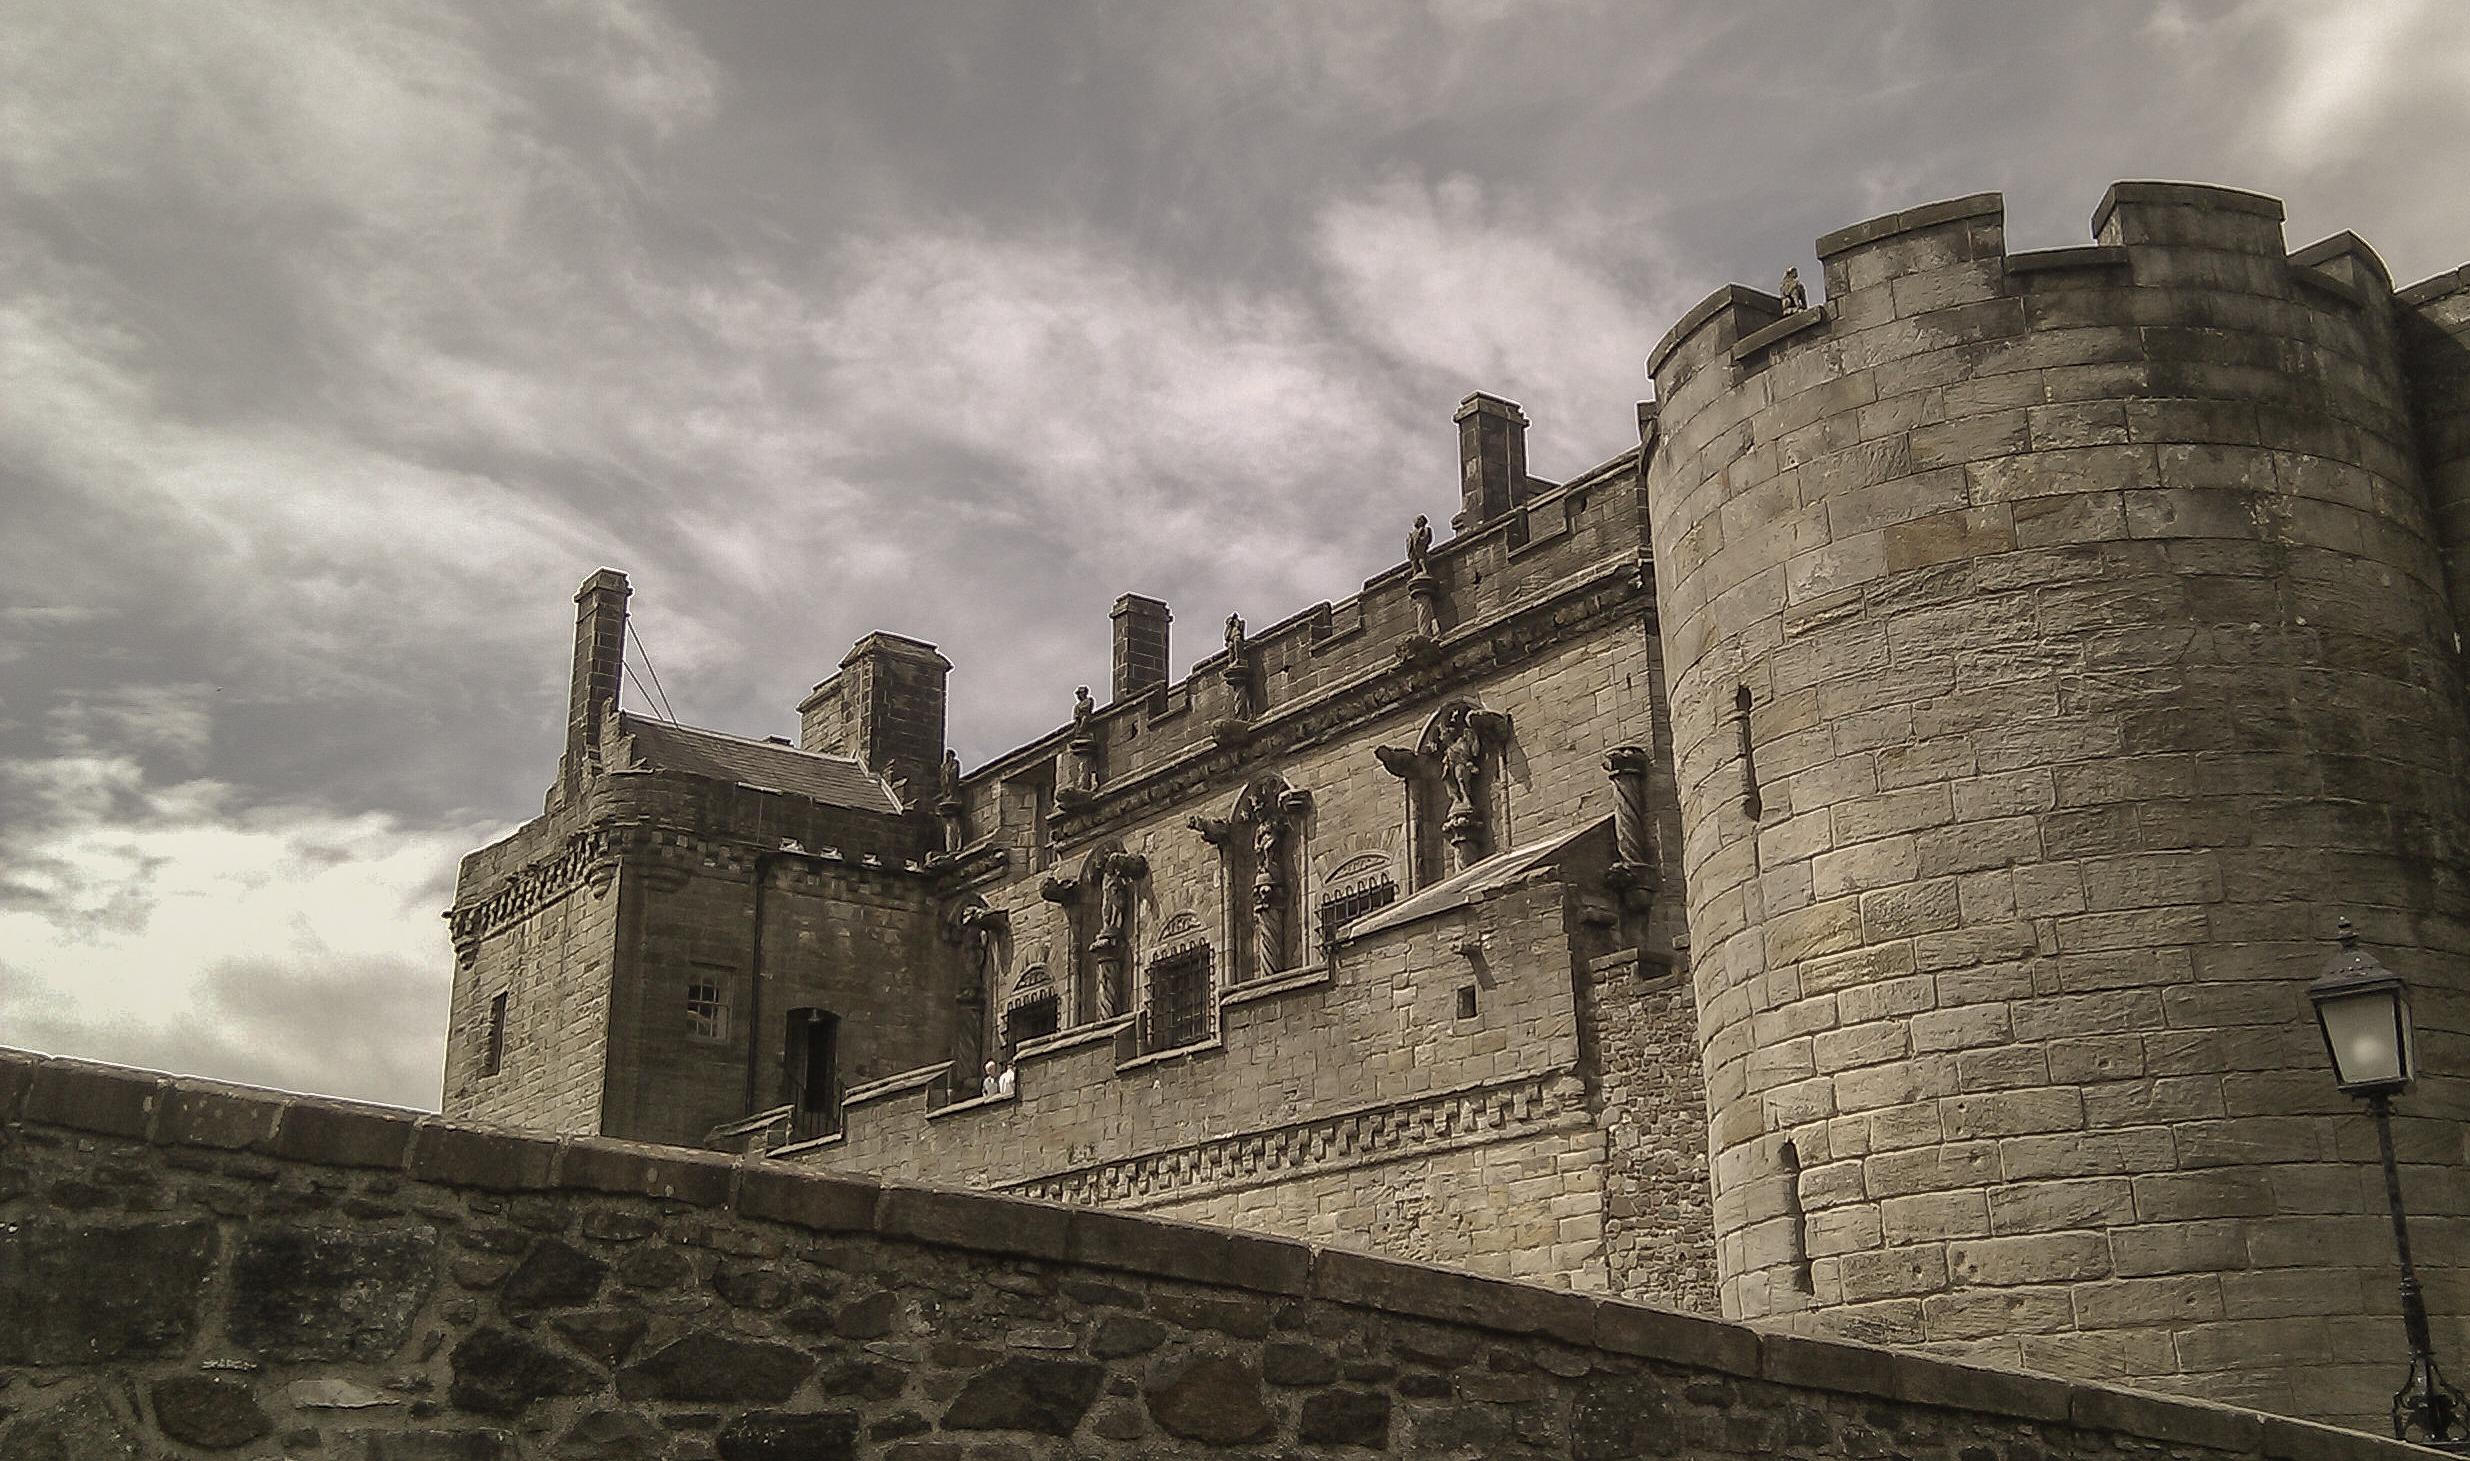 stirling-castle-scotland-stirling-castle-64287.jpeg